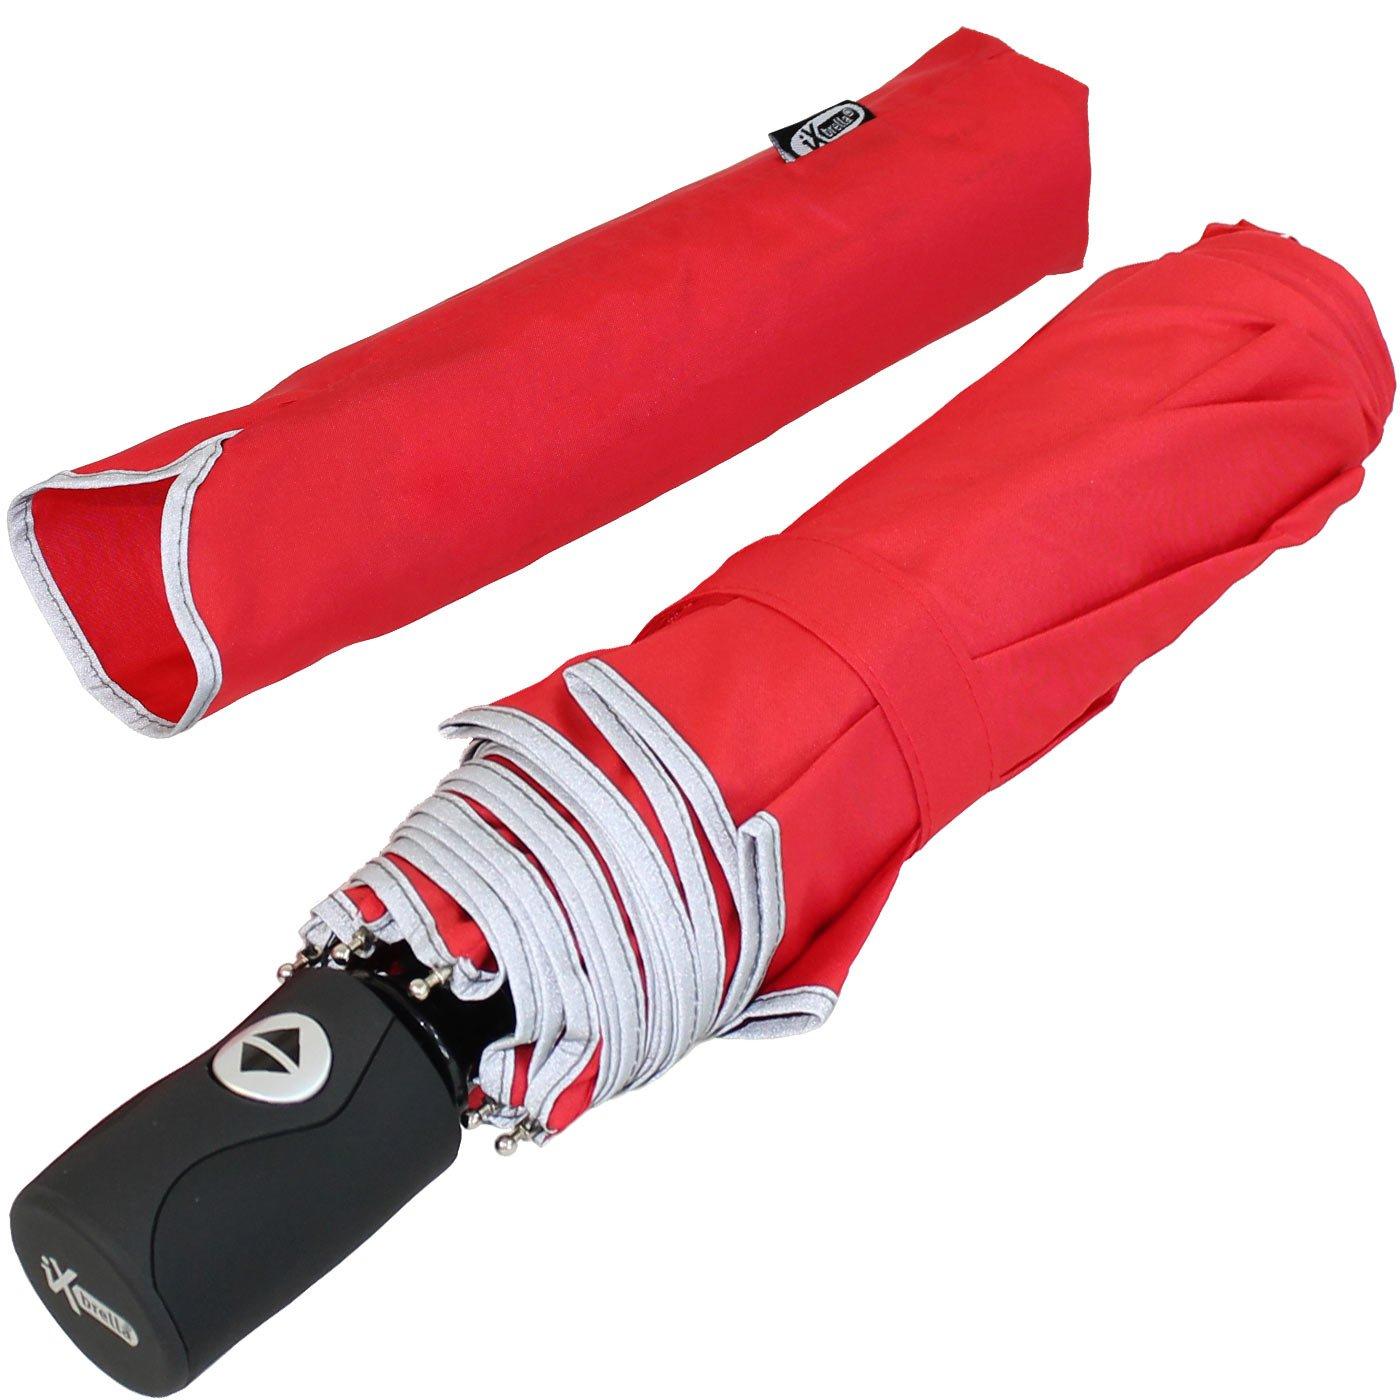 estable y grande rojo RED 104 tama/ño XL UE 104 cm de di/ámetro Paraguas iX Brella reflectante